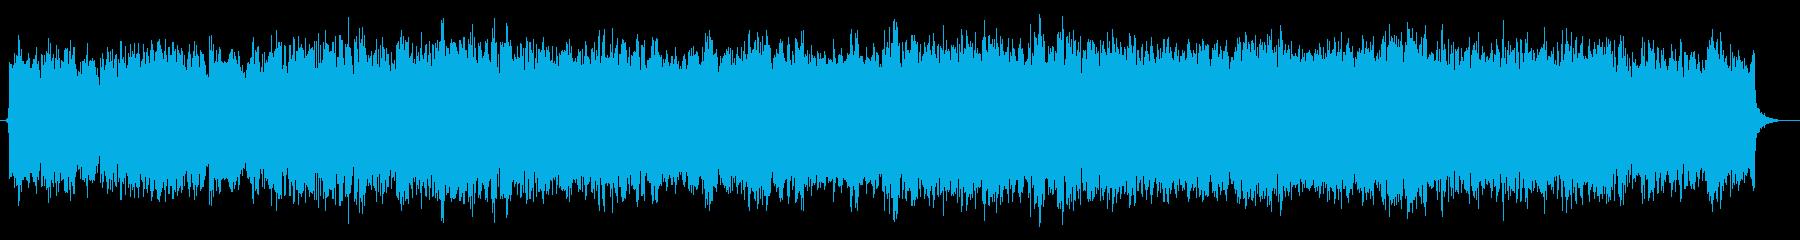 バイオリンソロのロマンチック映画風の曲の再生済みの波形